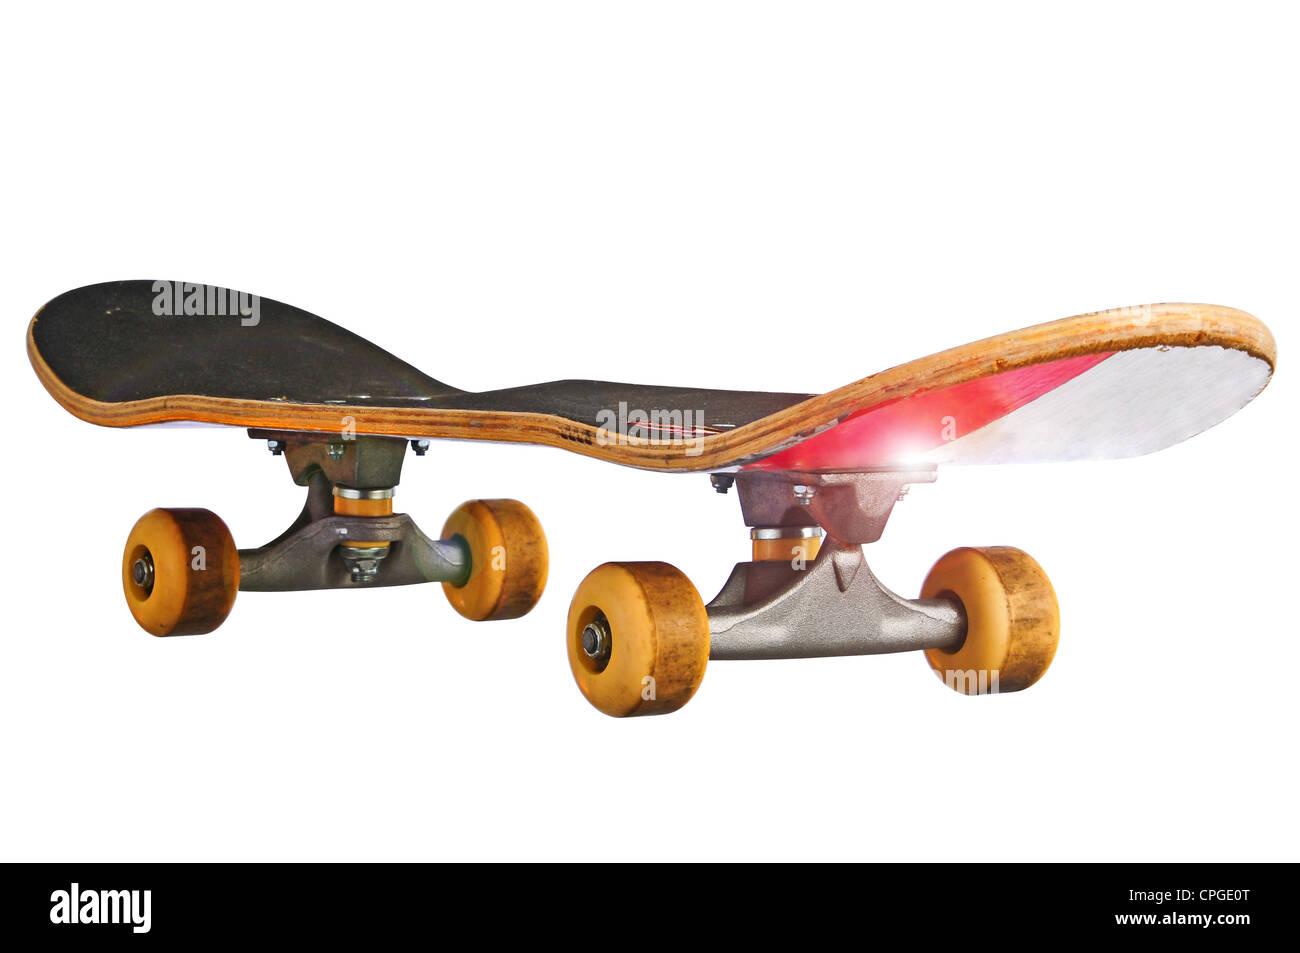 Skateboard in corrispondenza di un angolo obliquo isolato con un tracciato di ritaglio in modo da poterlo posizionare Immagini Stock